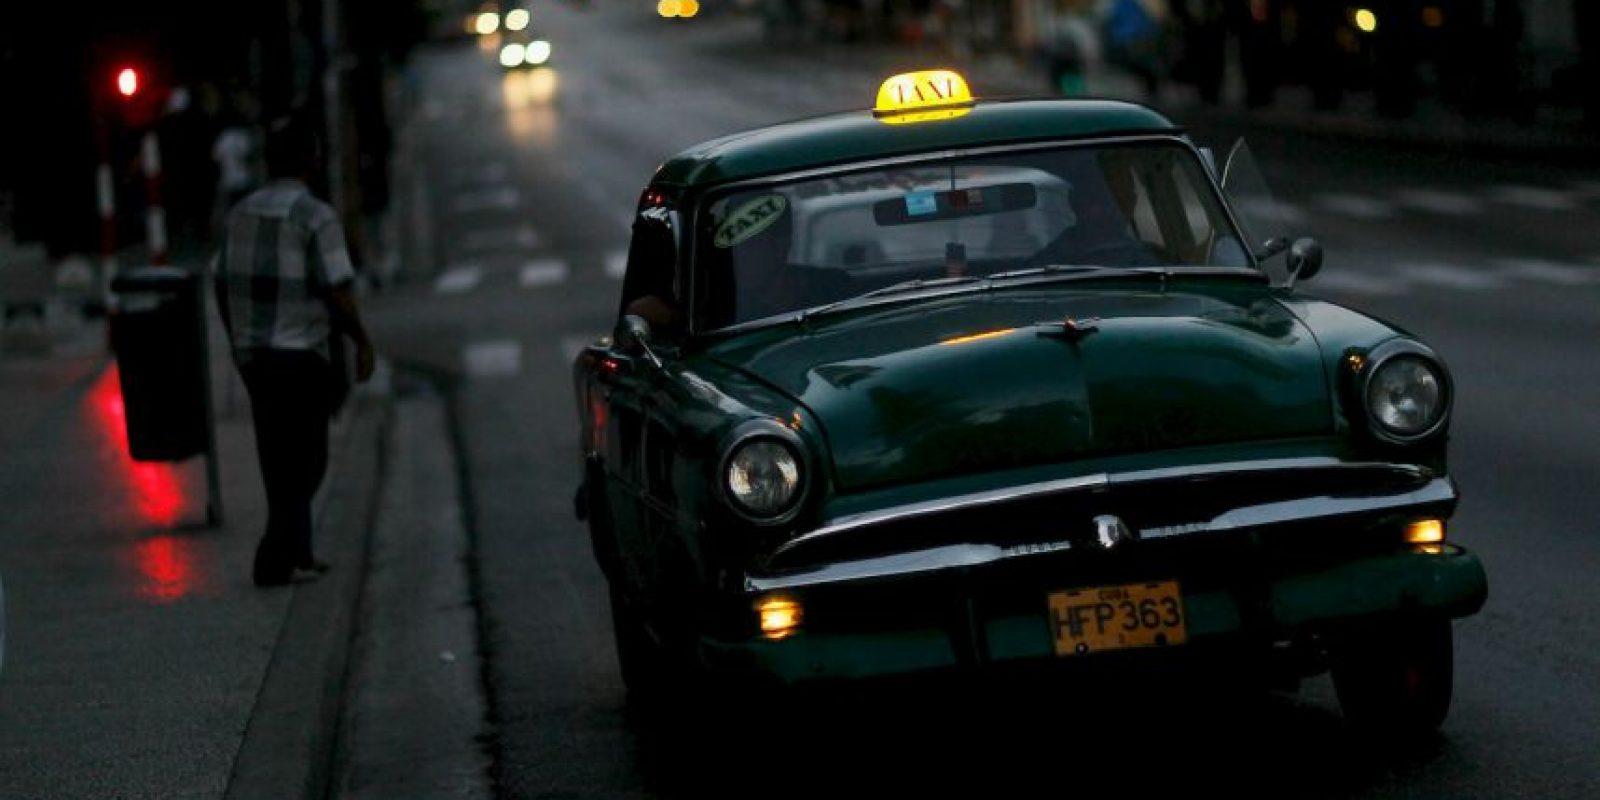 Obama anunció que Cuba liberaría a los 53 presos políticos estadounidenses que tiene en su poder. Foto:Getty